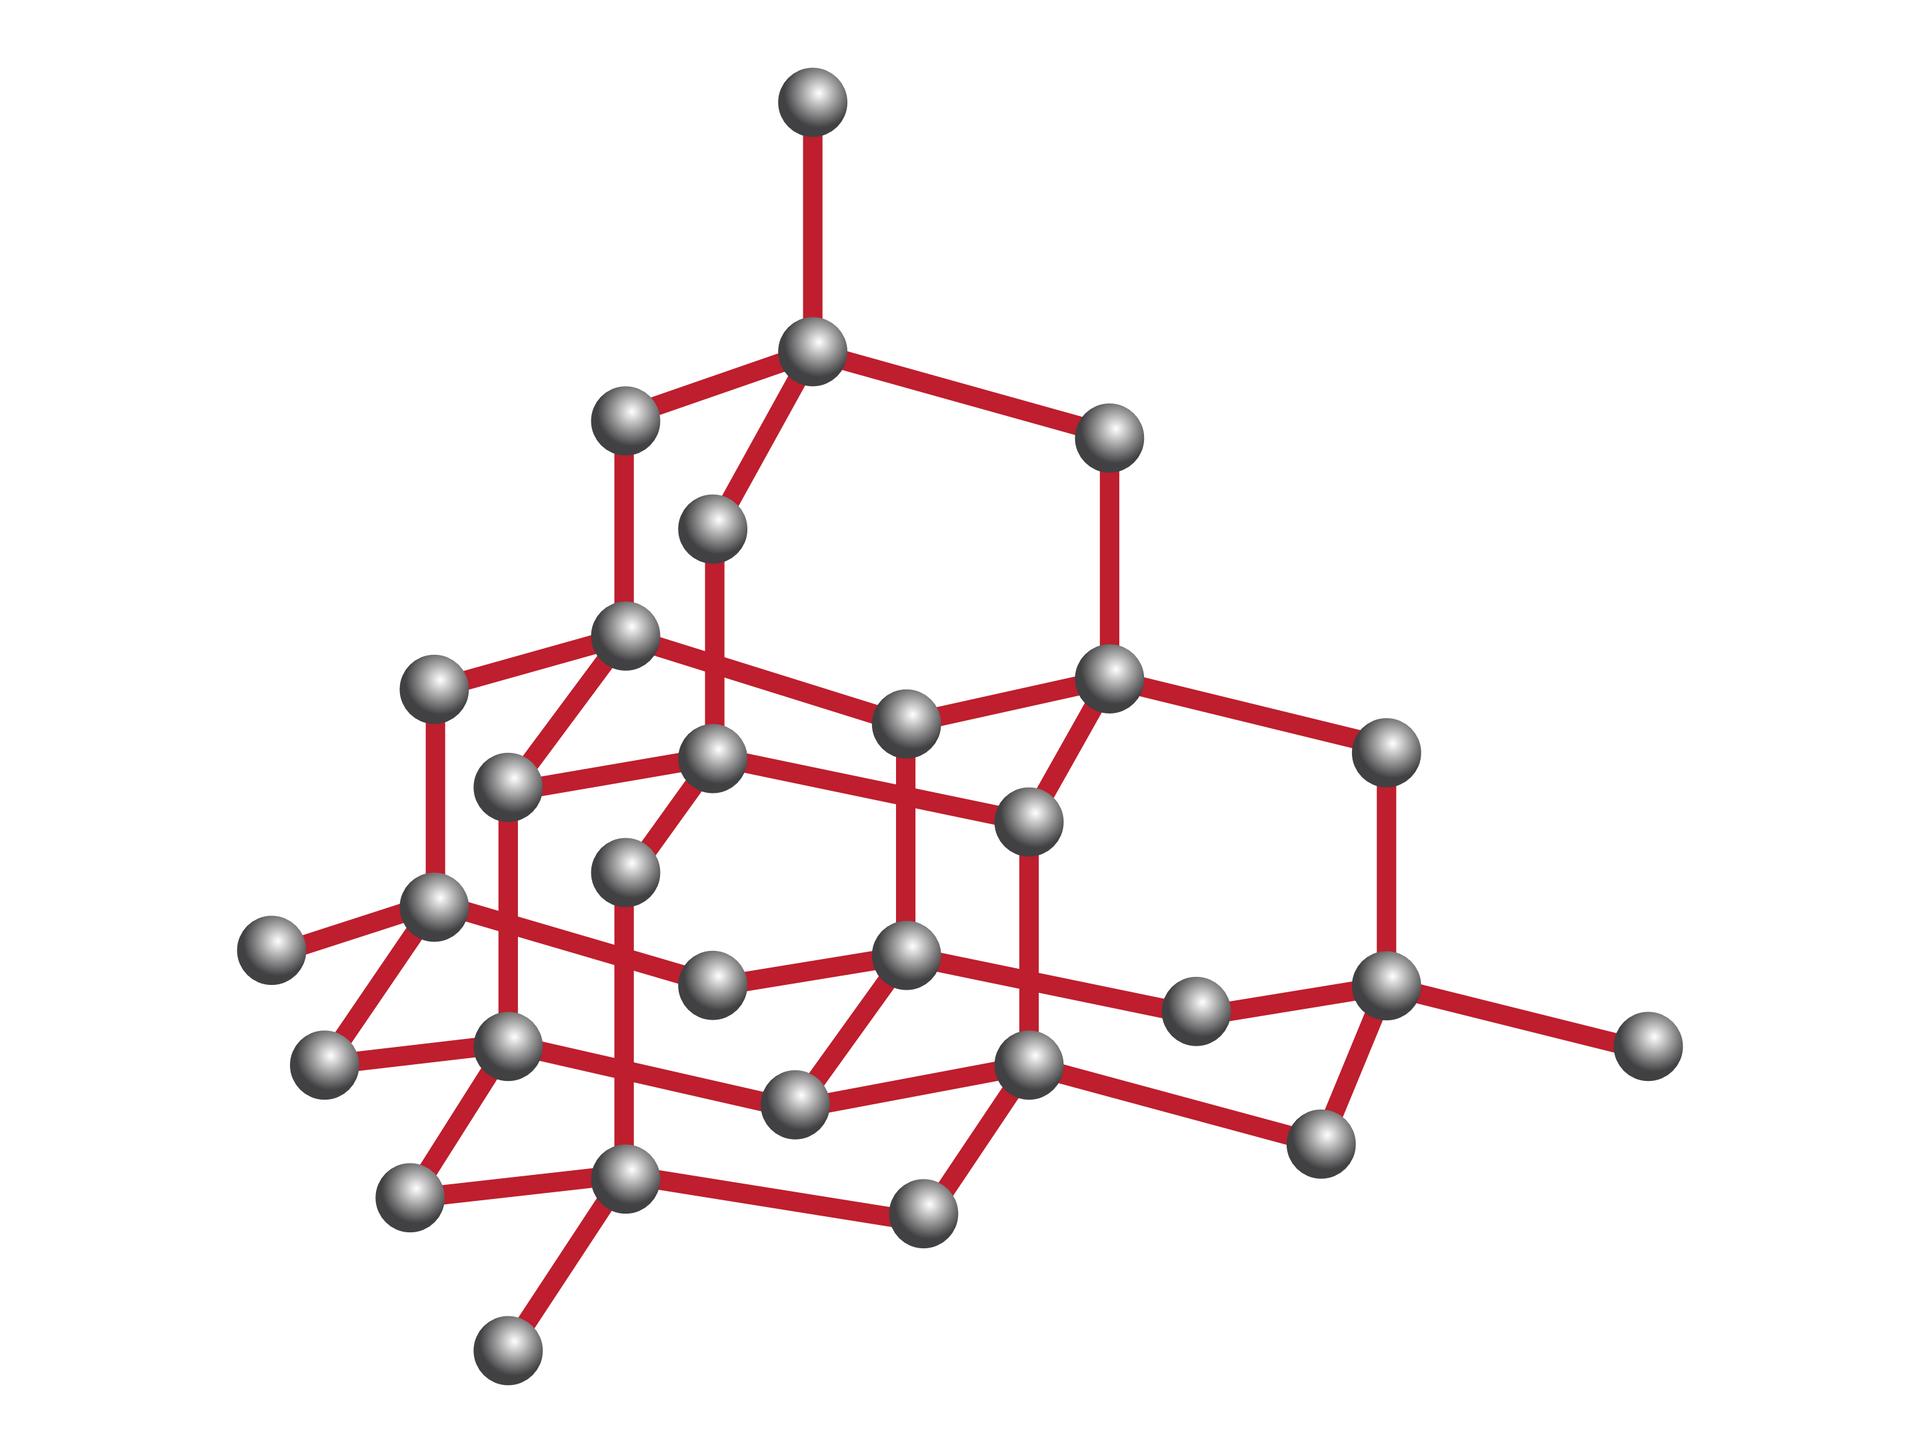 Ilustracja przedstawia strukturę atomów węgla wkrysztale diamentu. Czarne kulki symbolizujące atomy połączone są czerwonymi liniami dla oznaczenia wiązań kowalencyjnych. Struktura wewnętrzna kryształu diamentu, mimo pozornego skomplikowania jest bardzo regularna, akażdy atom węgla jest połączony wiązaniami kowalencyjnymi zczterema takimi samymi atomami.